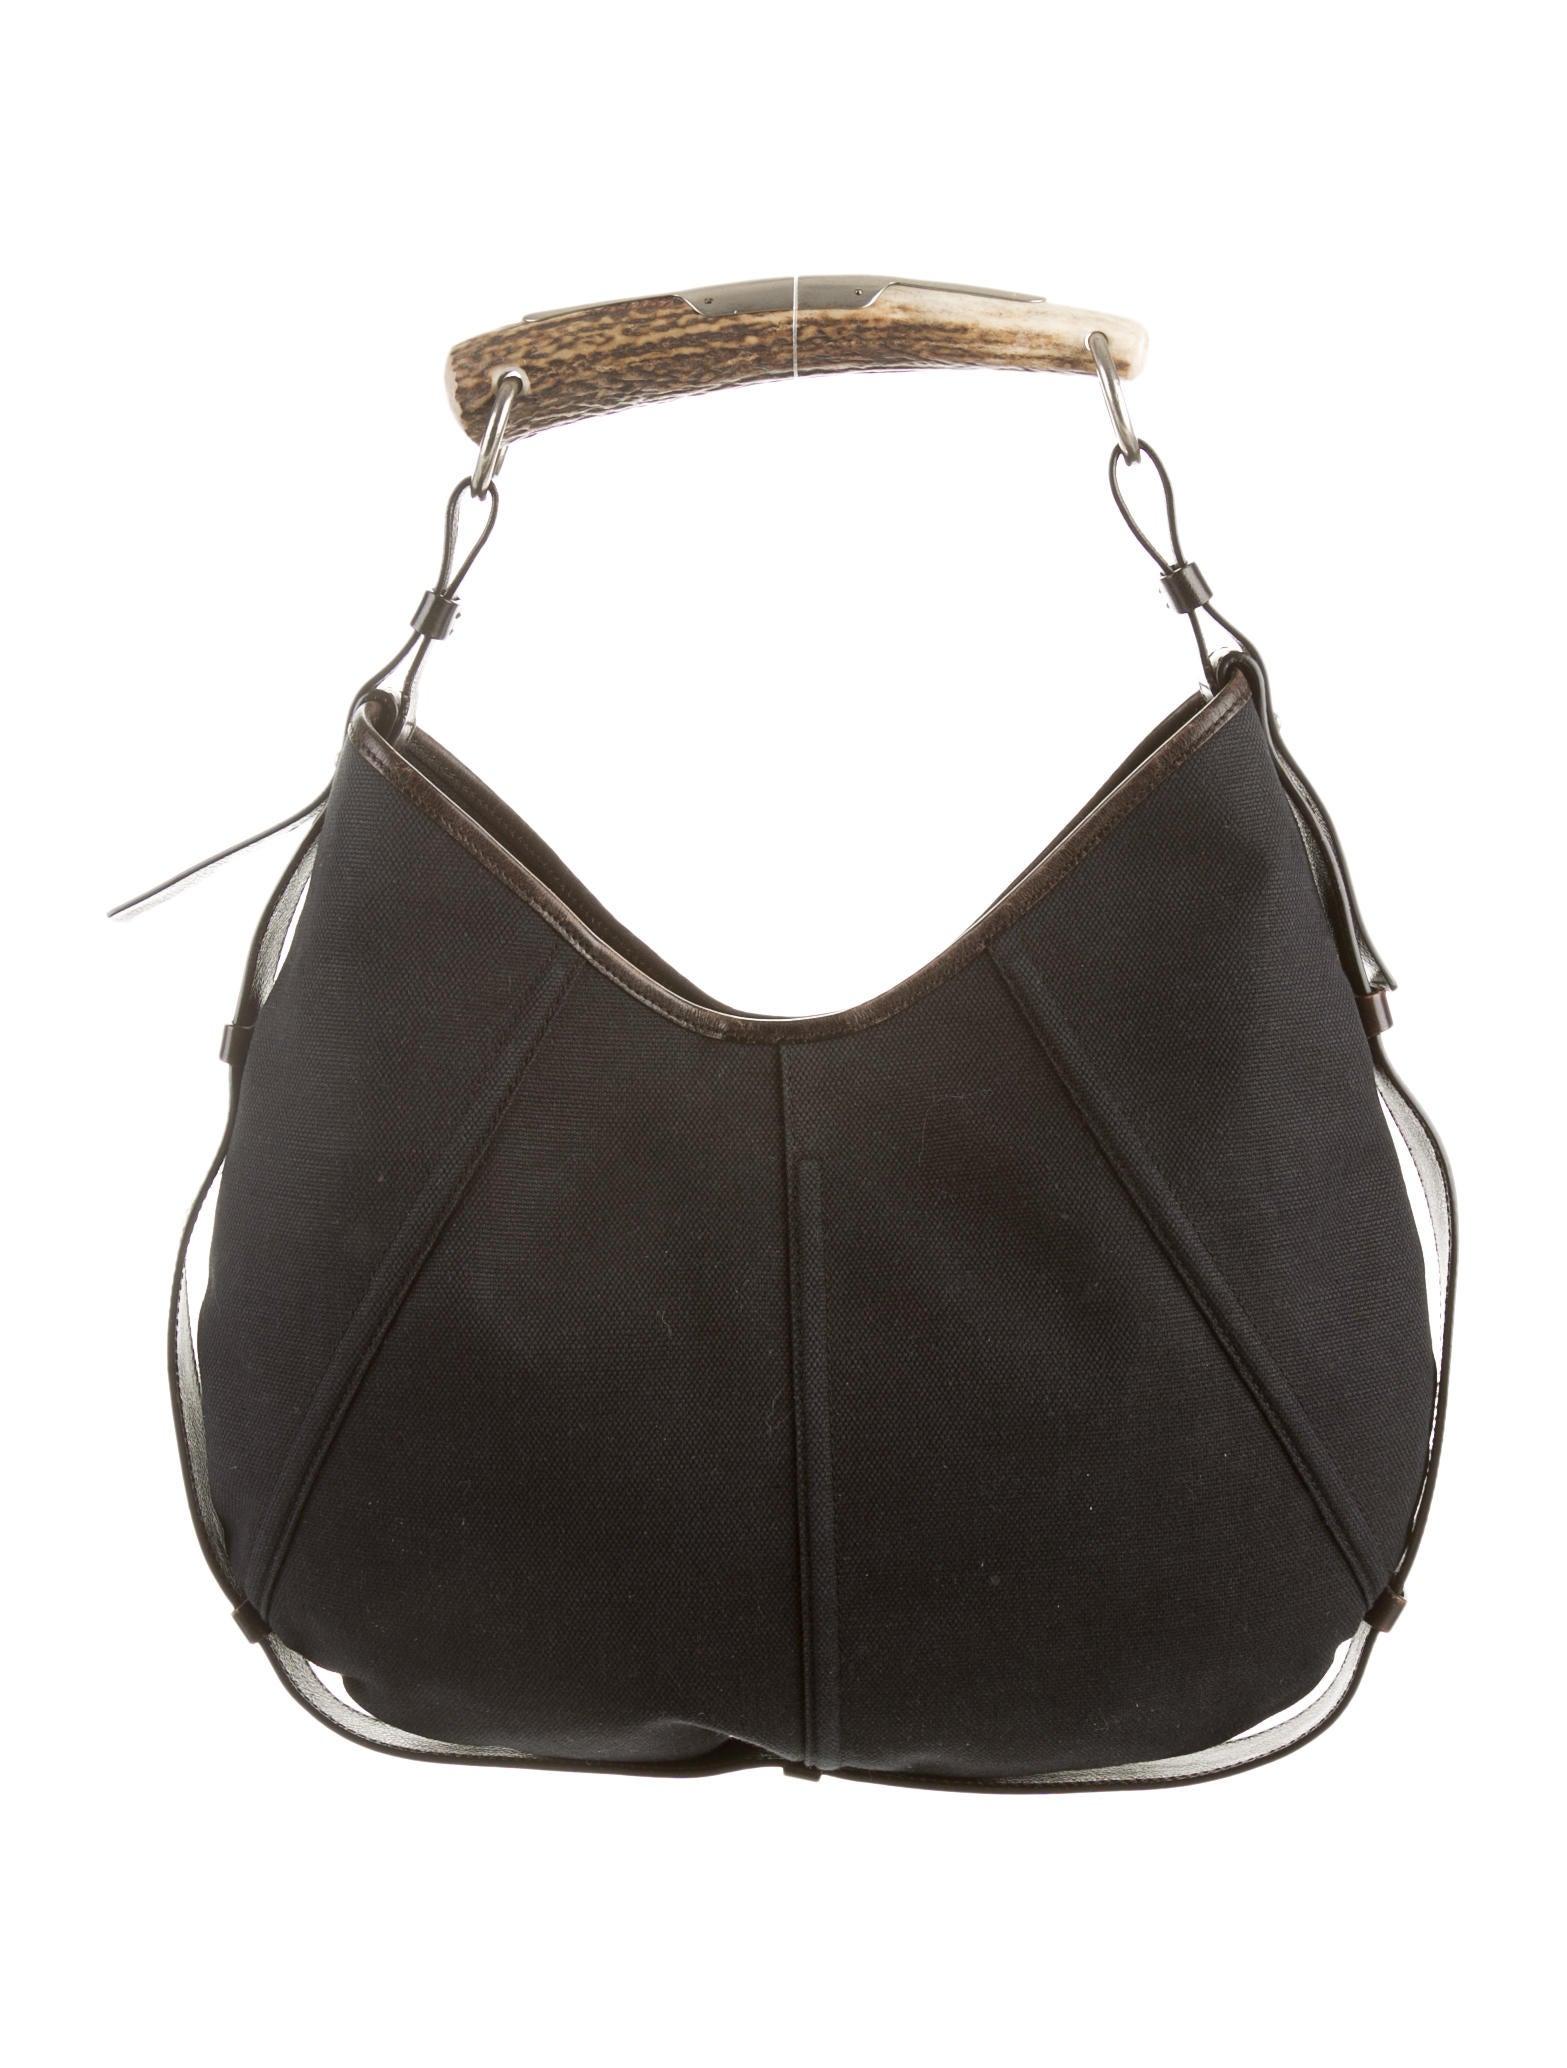 Yves Saint Laurent Mombasa Bag - Handbags - YVE36812 | The RealReal